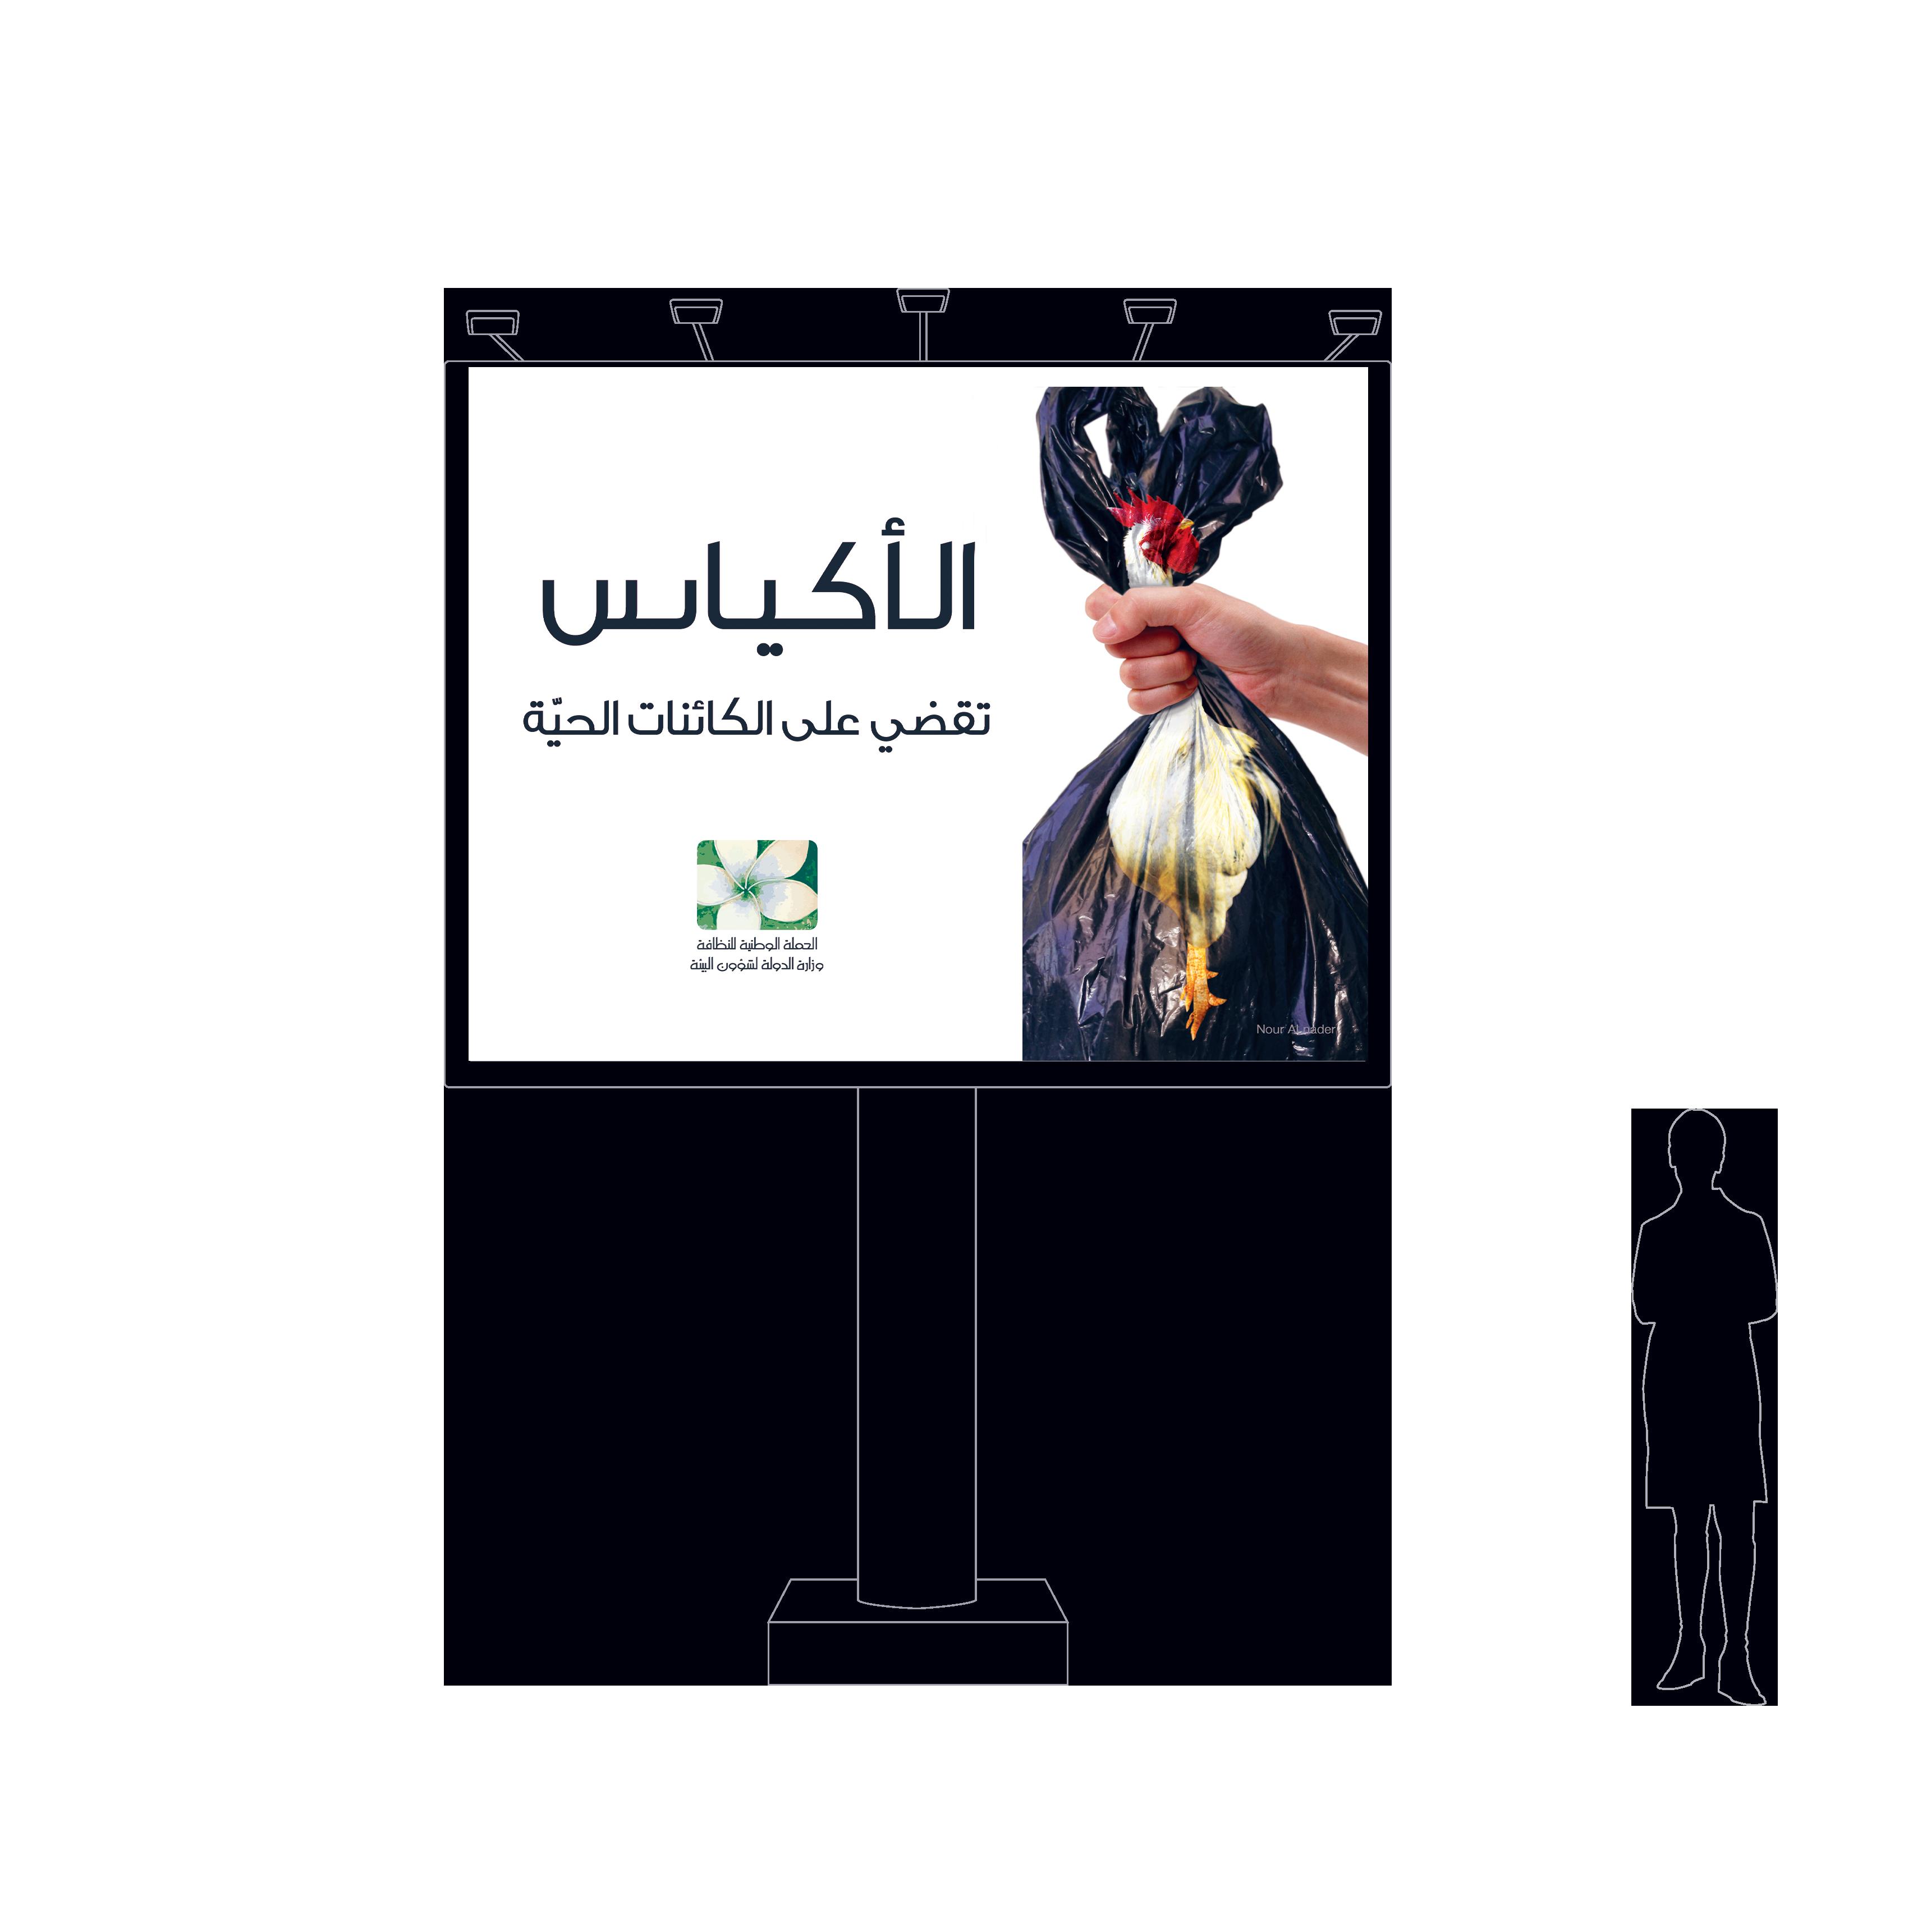 Nour, Alnader, Billboard, Außenwerbung, Plastik, Kampagnen, Umwelt, Ministerum